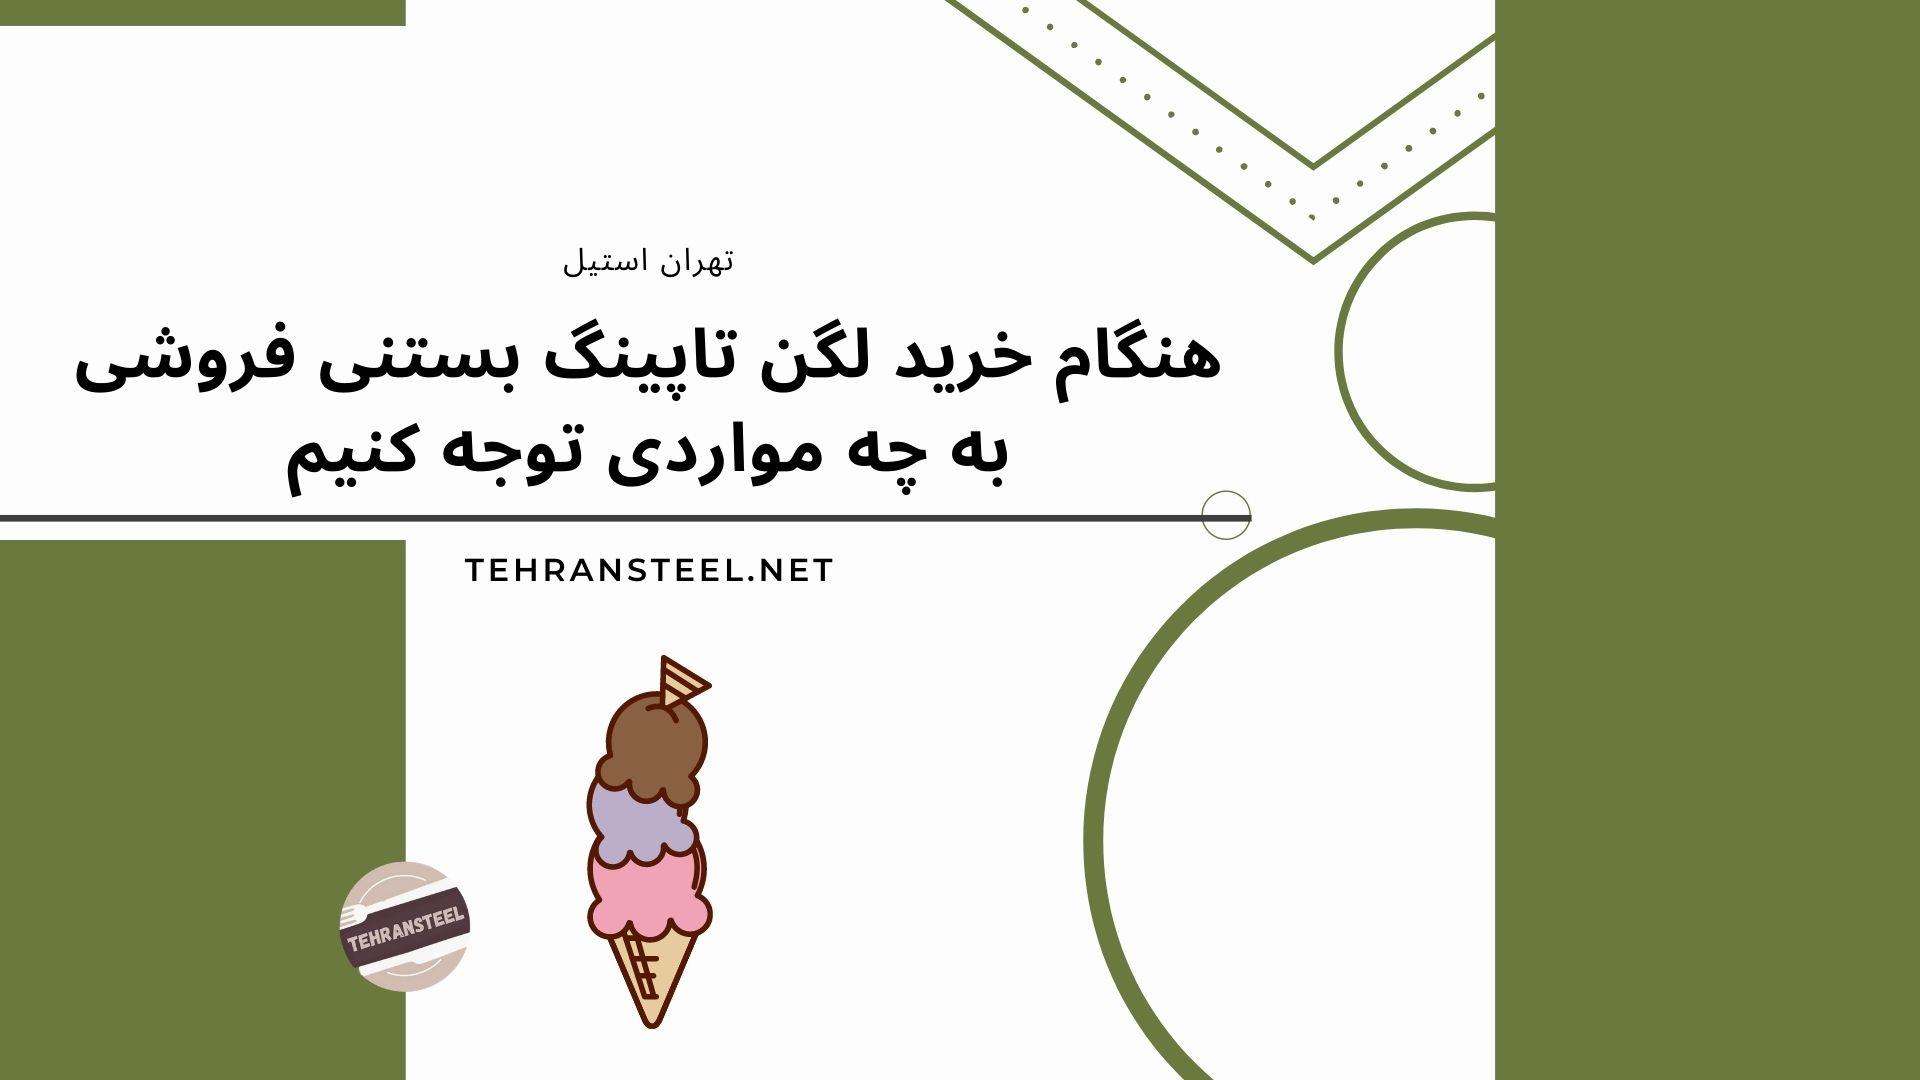 هنگام خرید لگن تاپینگ بستنی فروشی به چه مواردی توجه کنیم